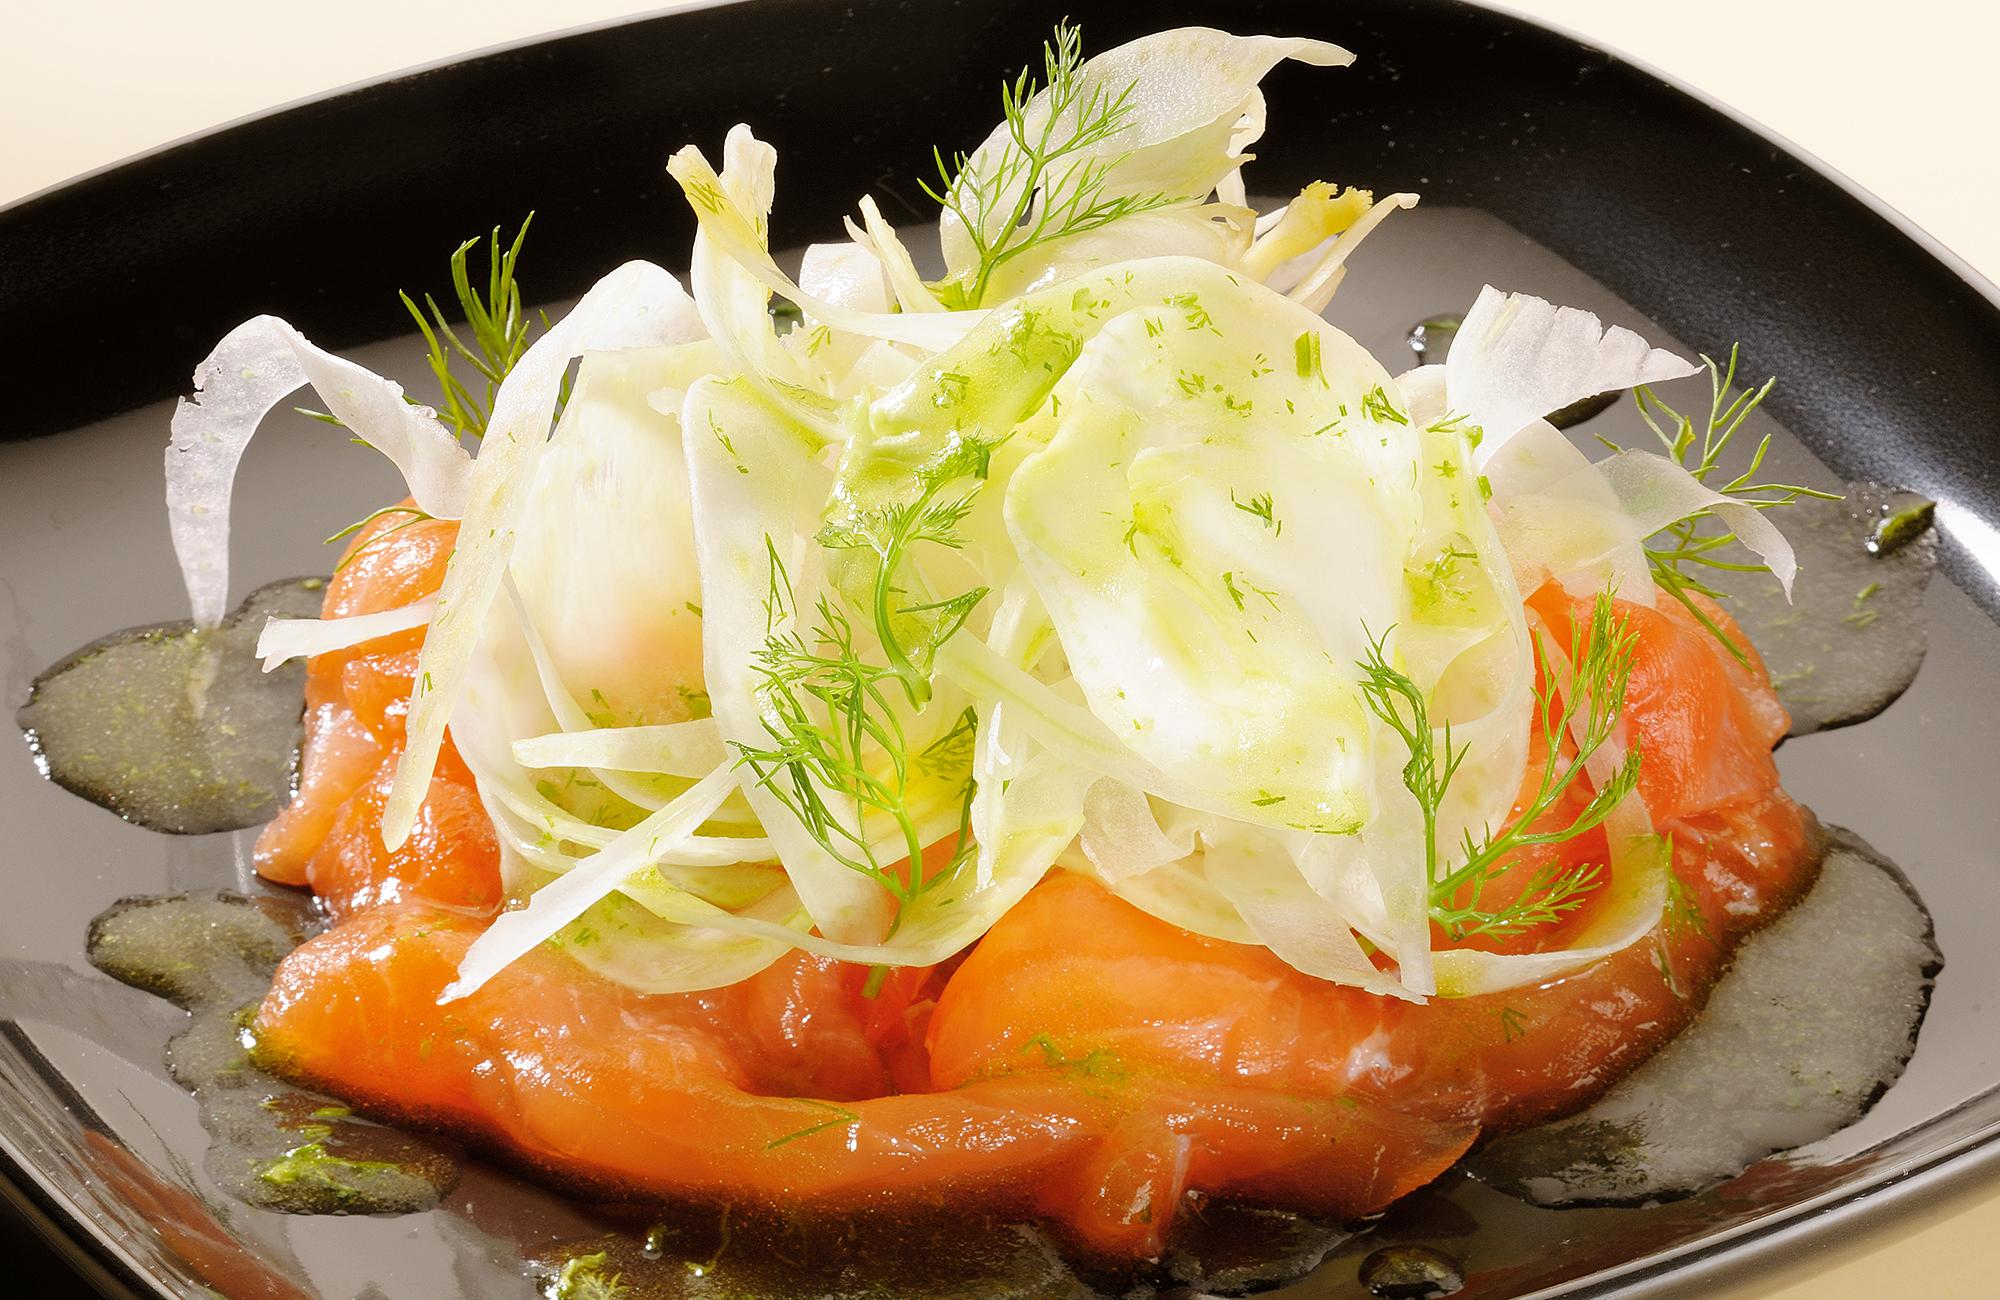 Salmone fresco con insalata di finocchi con vinaigrette a base di DolceAgro Condimento Delicato Ponti